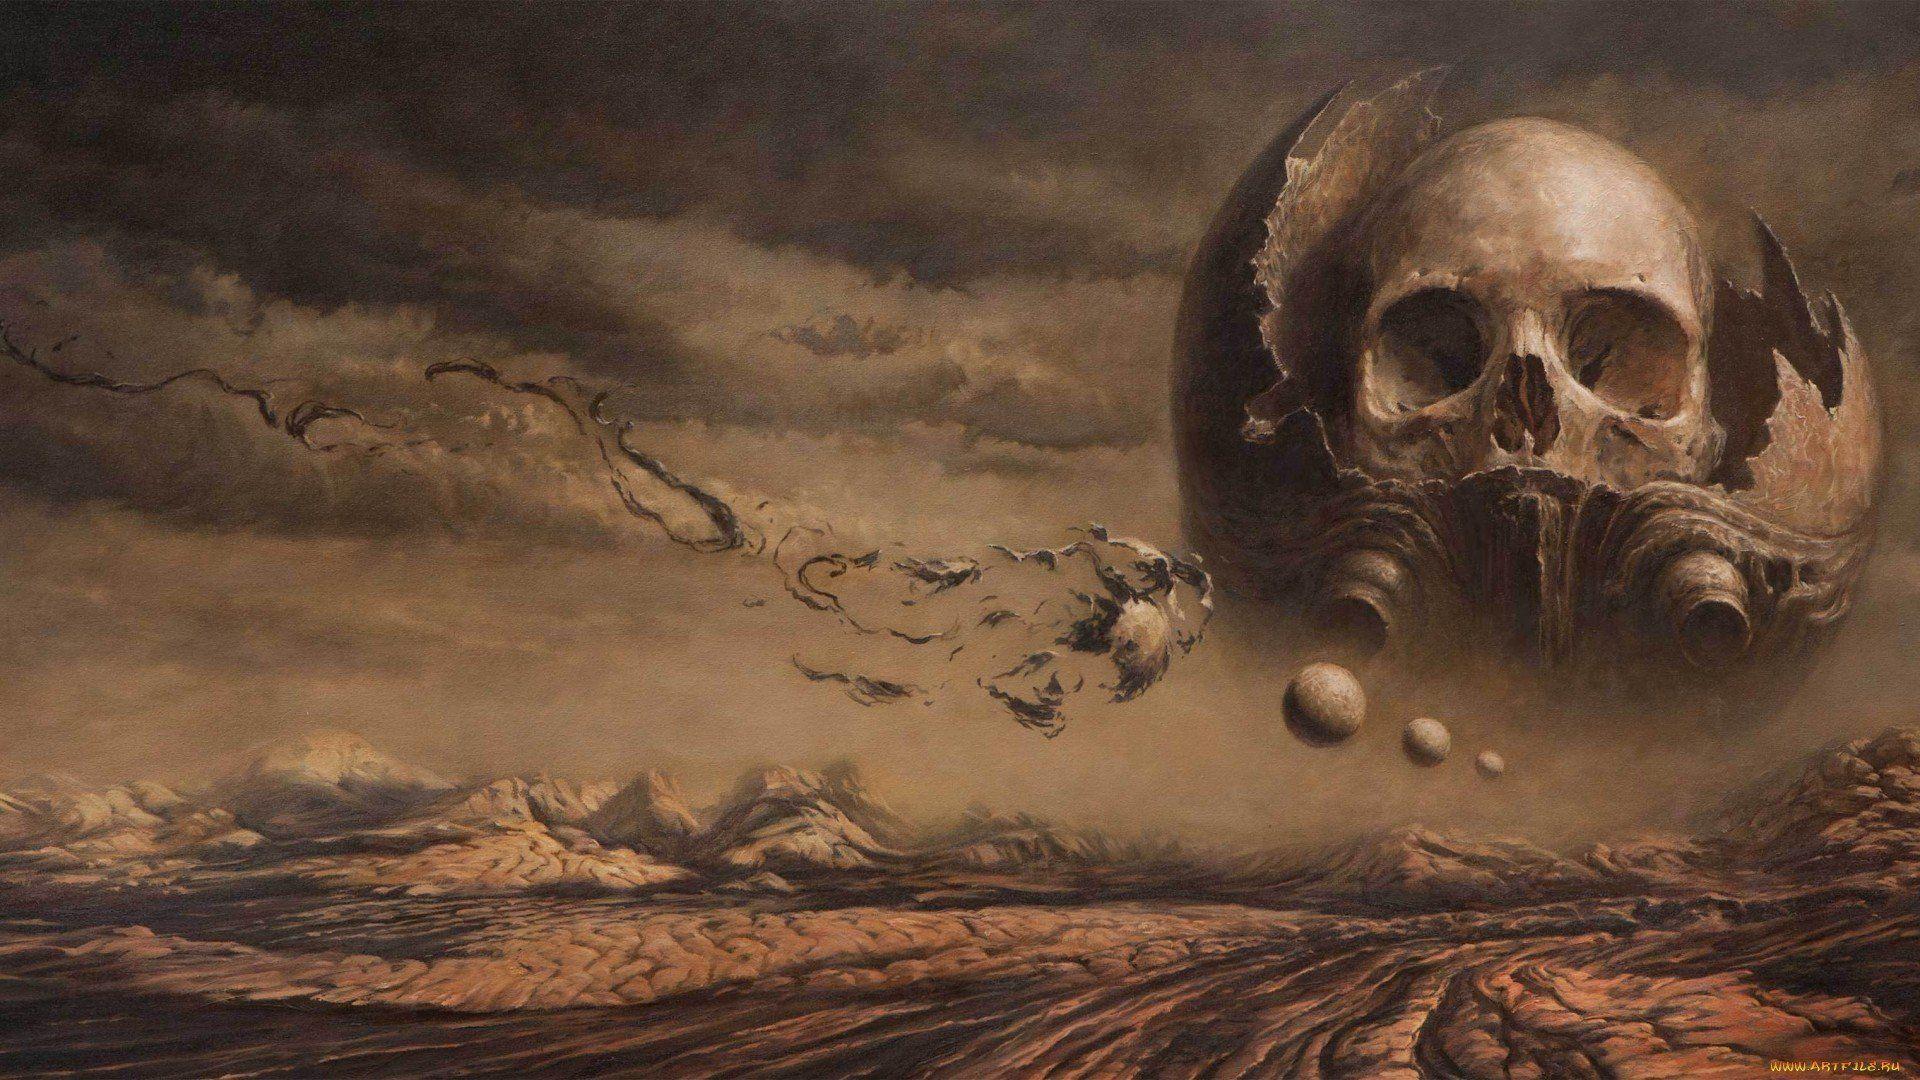 Dark Art Wallpapers Top Free Dark Art Backgrounds